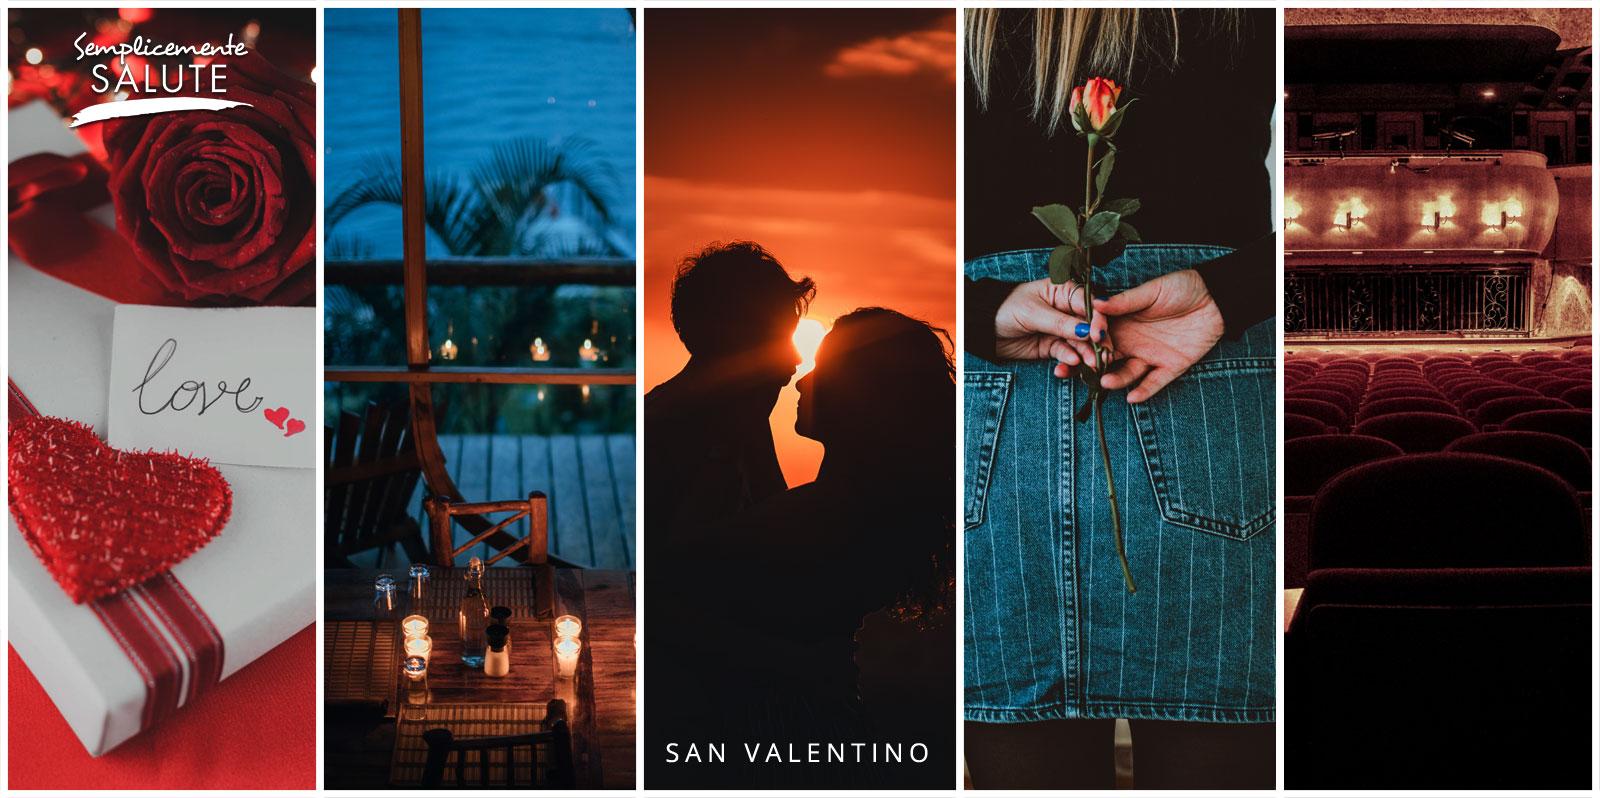 San Valentino alle porte